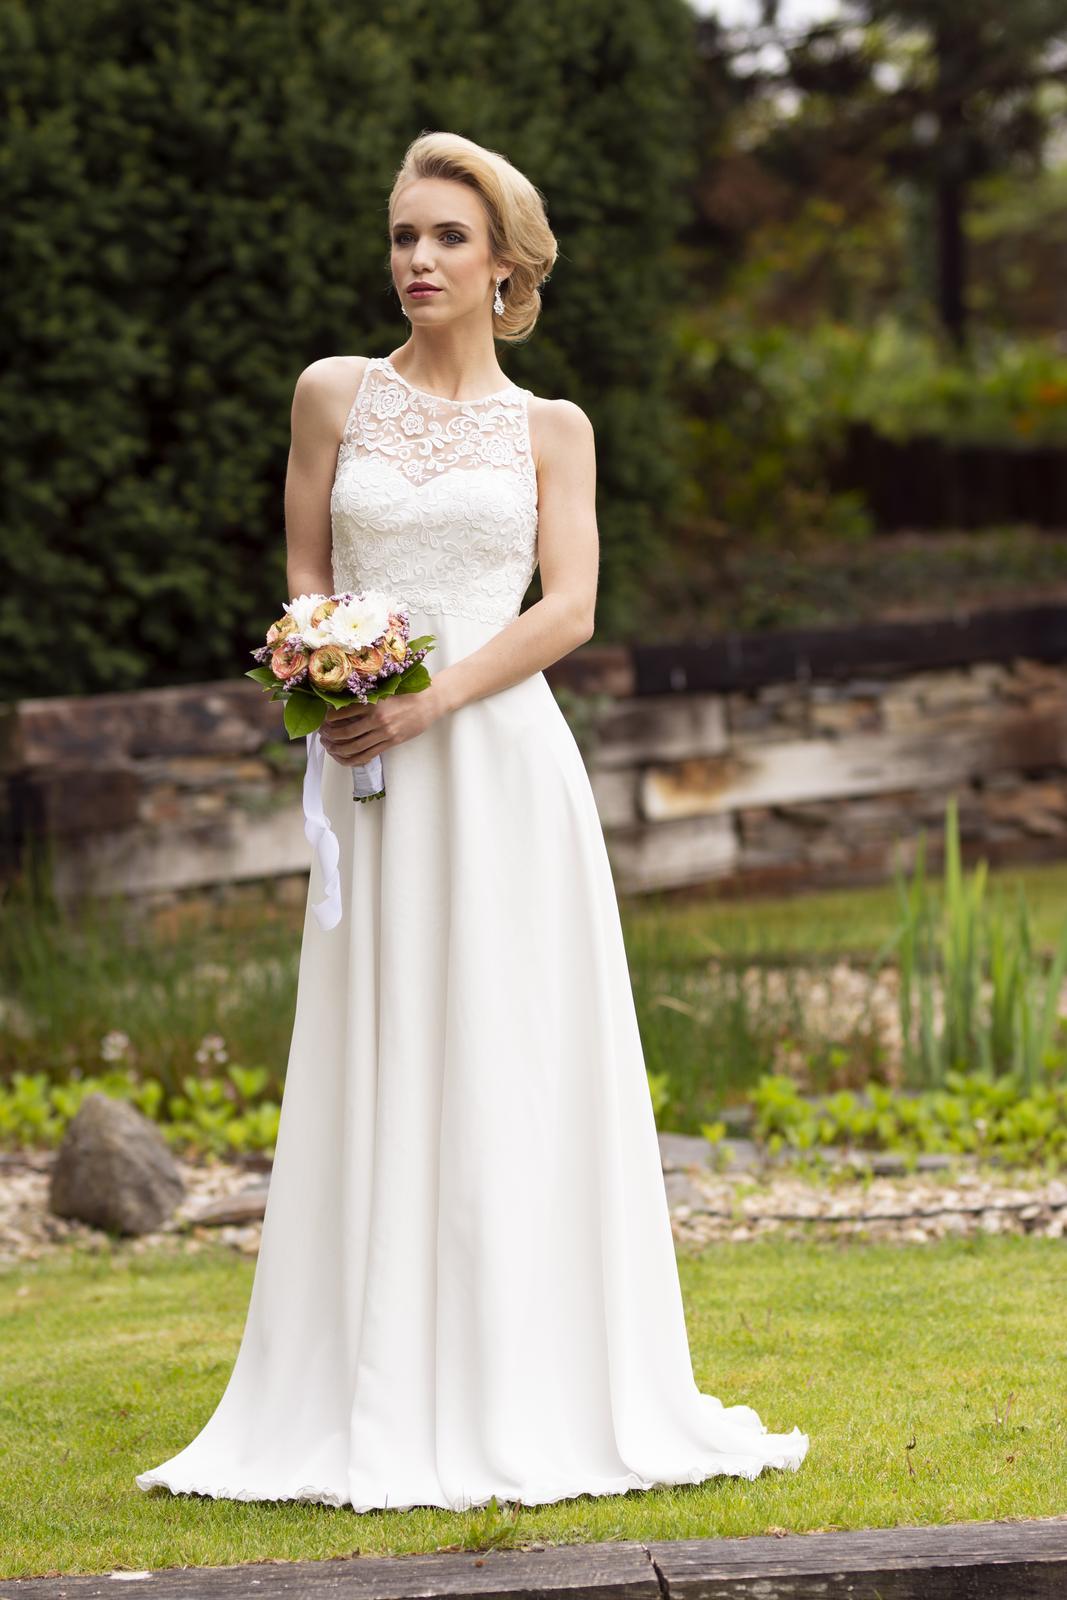 Svatební salon Adeleine - Originál svatební šaty - prodej 14000,- kč. Velikost: 34-36